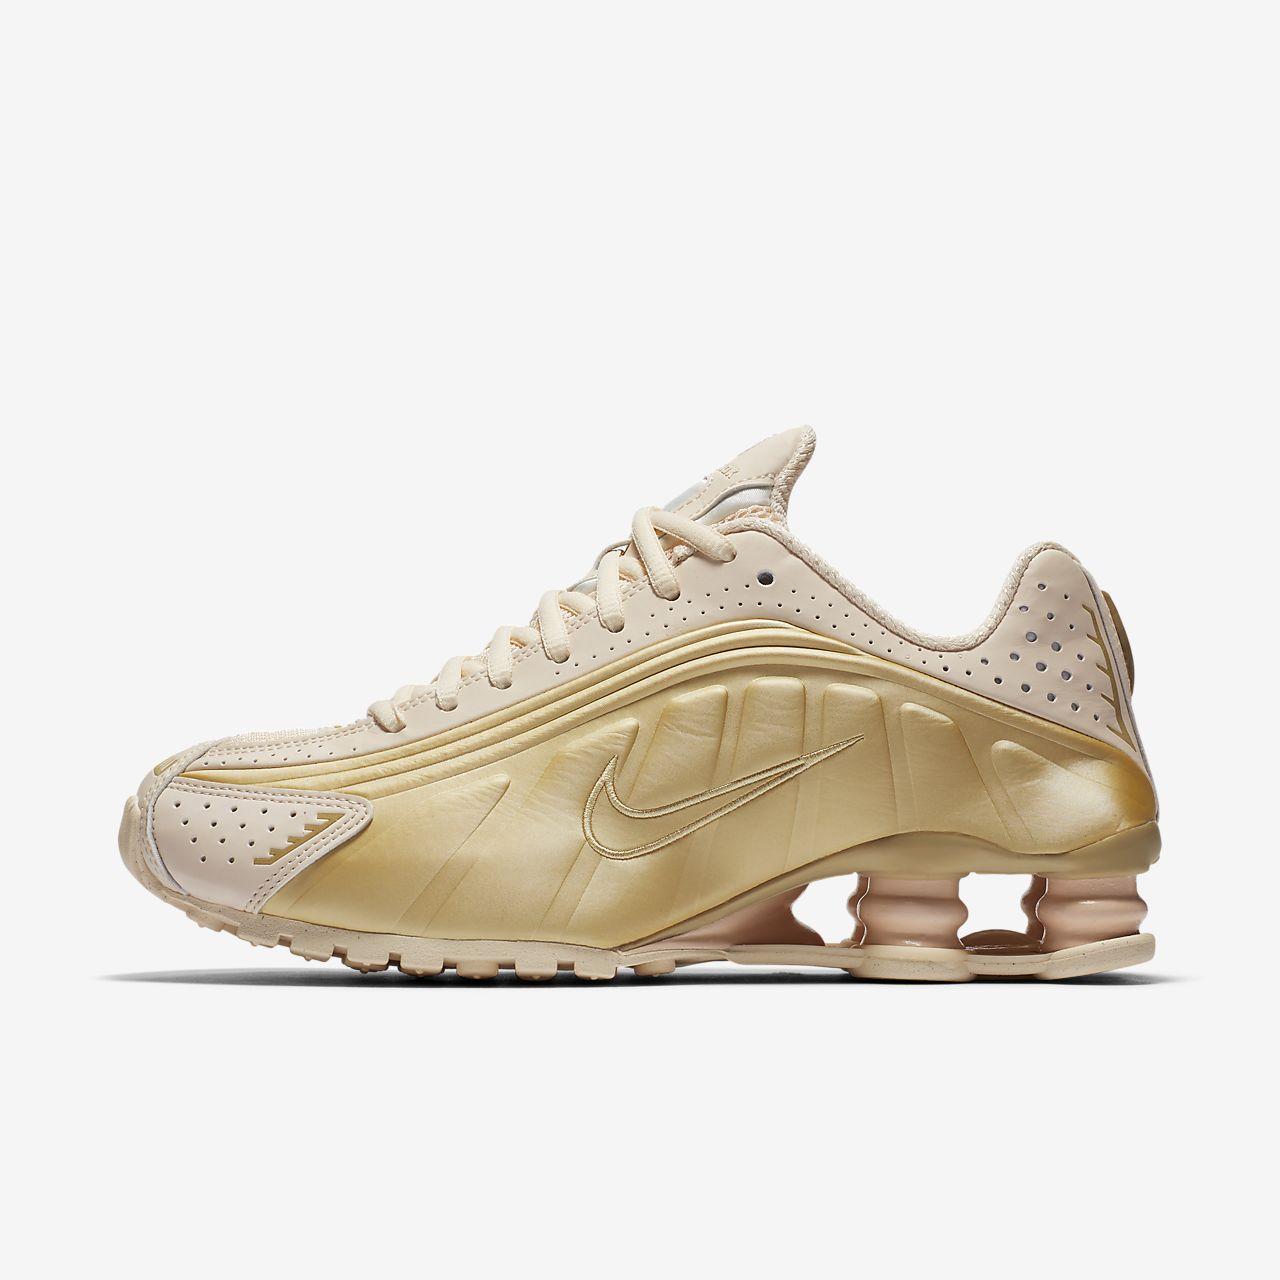 Nike Shox R4 Women's Shoe